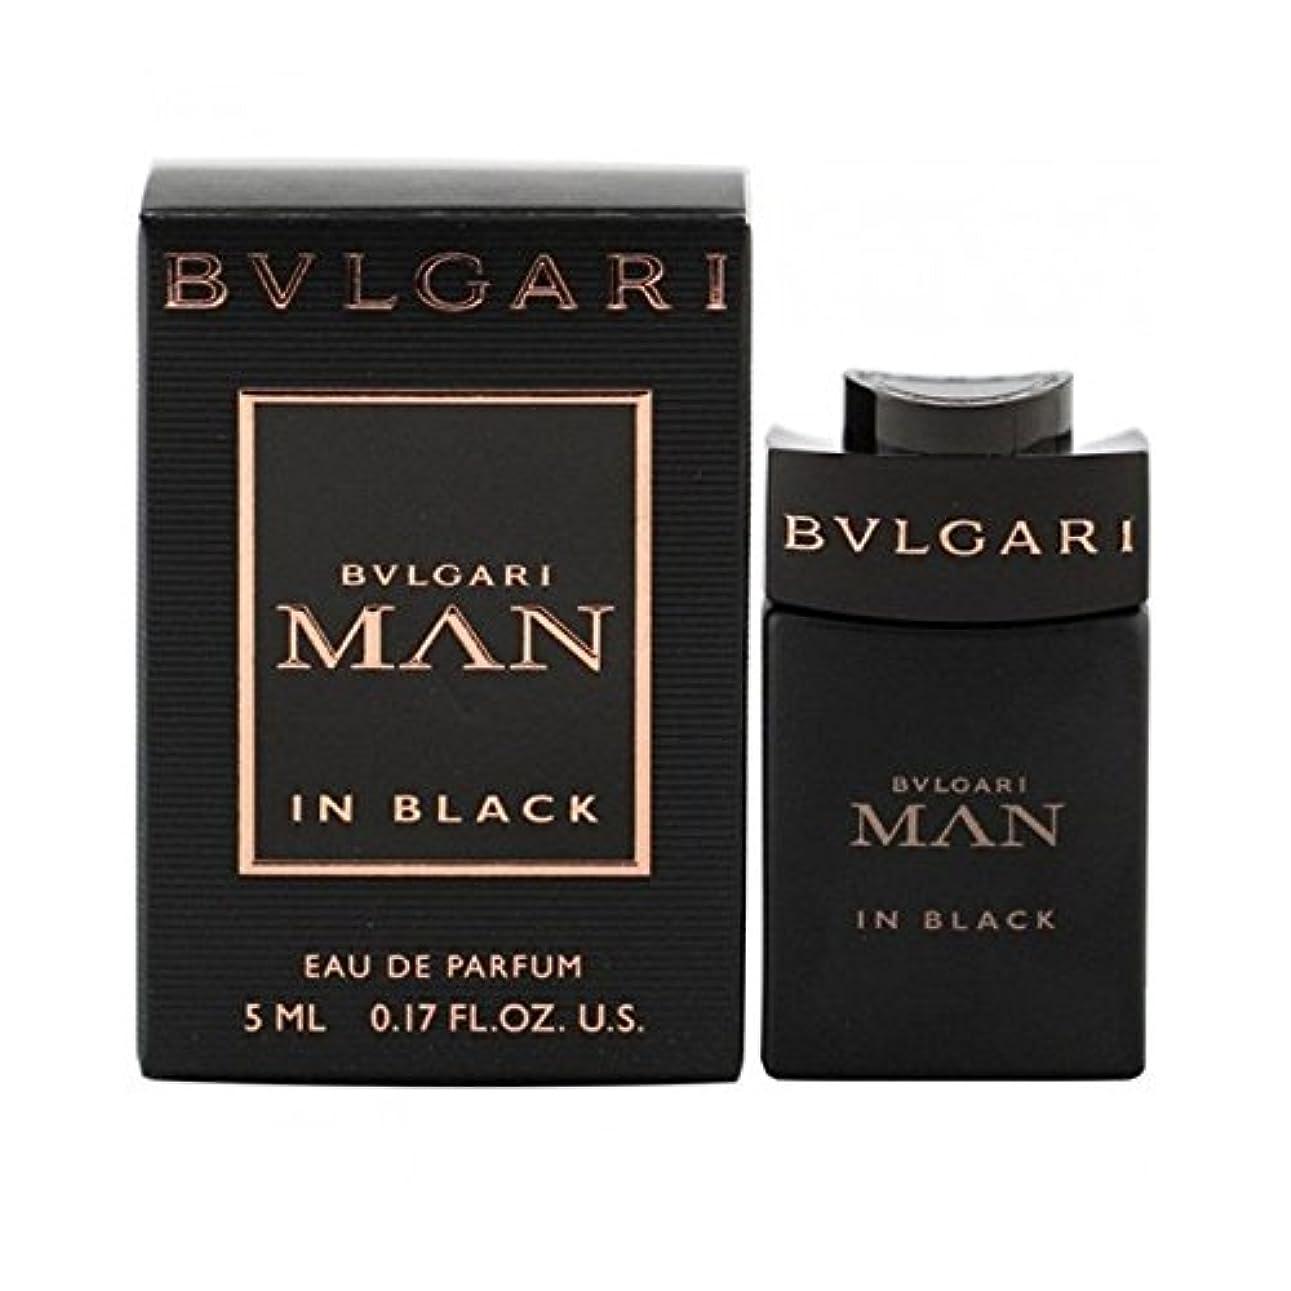 気怠いのホスト苦しめるブルガリ BVLGARI ブルガリ マン イン ブラック ミニボトル 5ml EDP オードパルファム